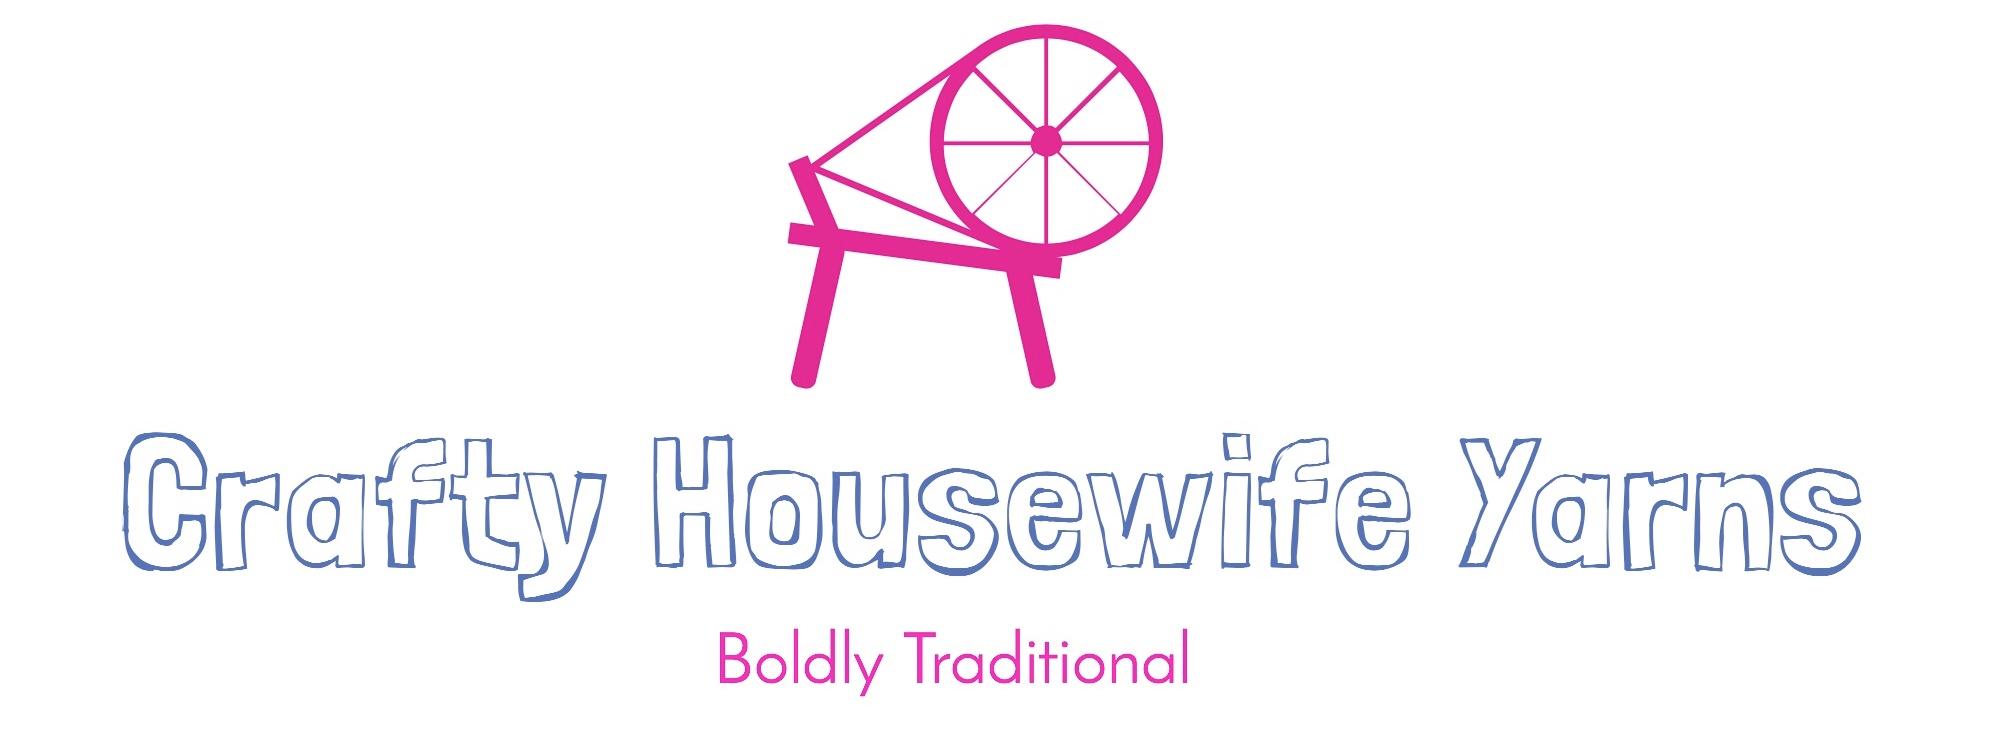 Crafty Housewife Yarns